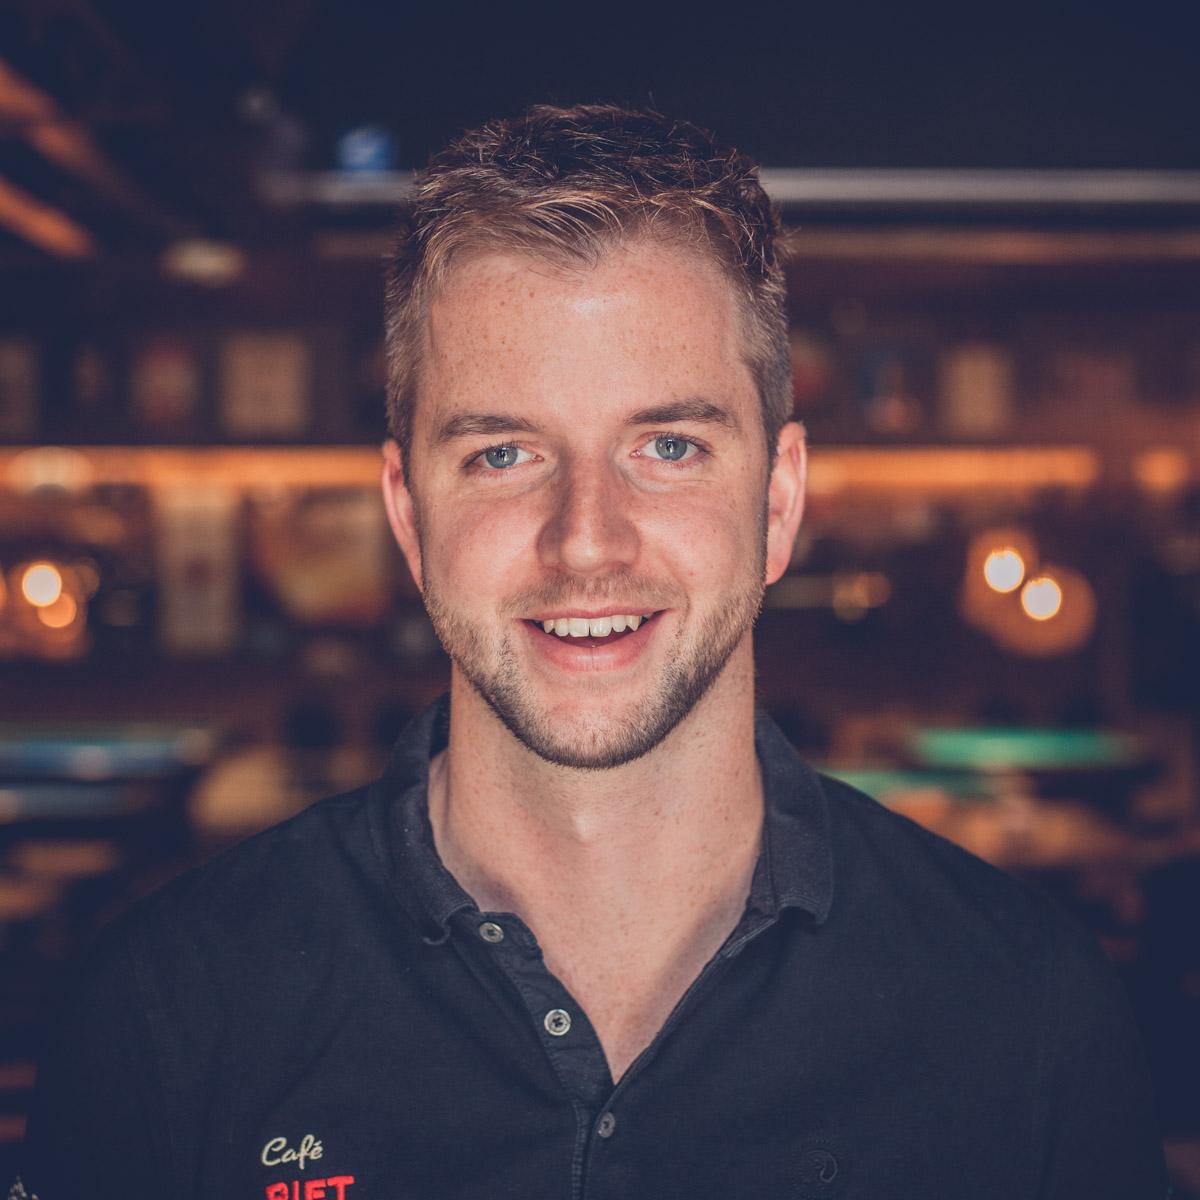 Café Piet Huisman Team Alex